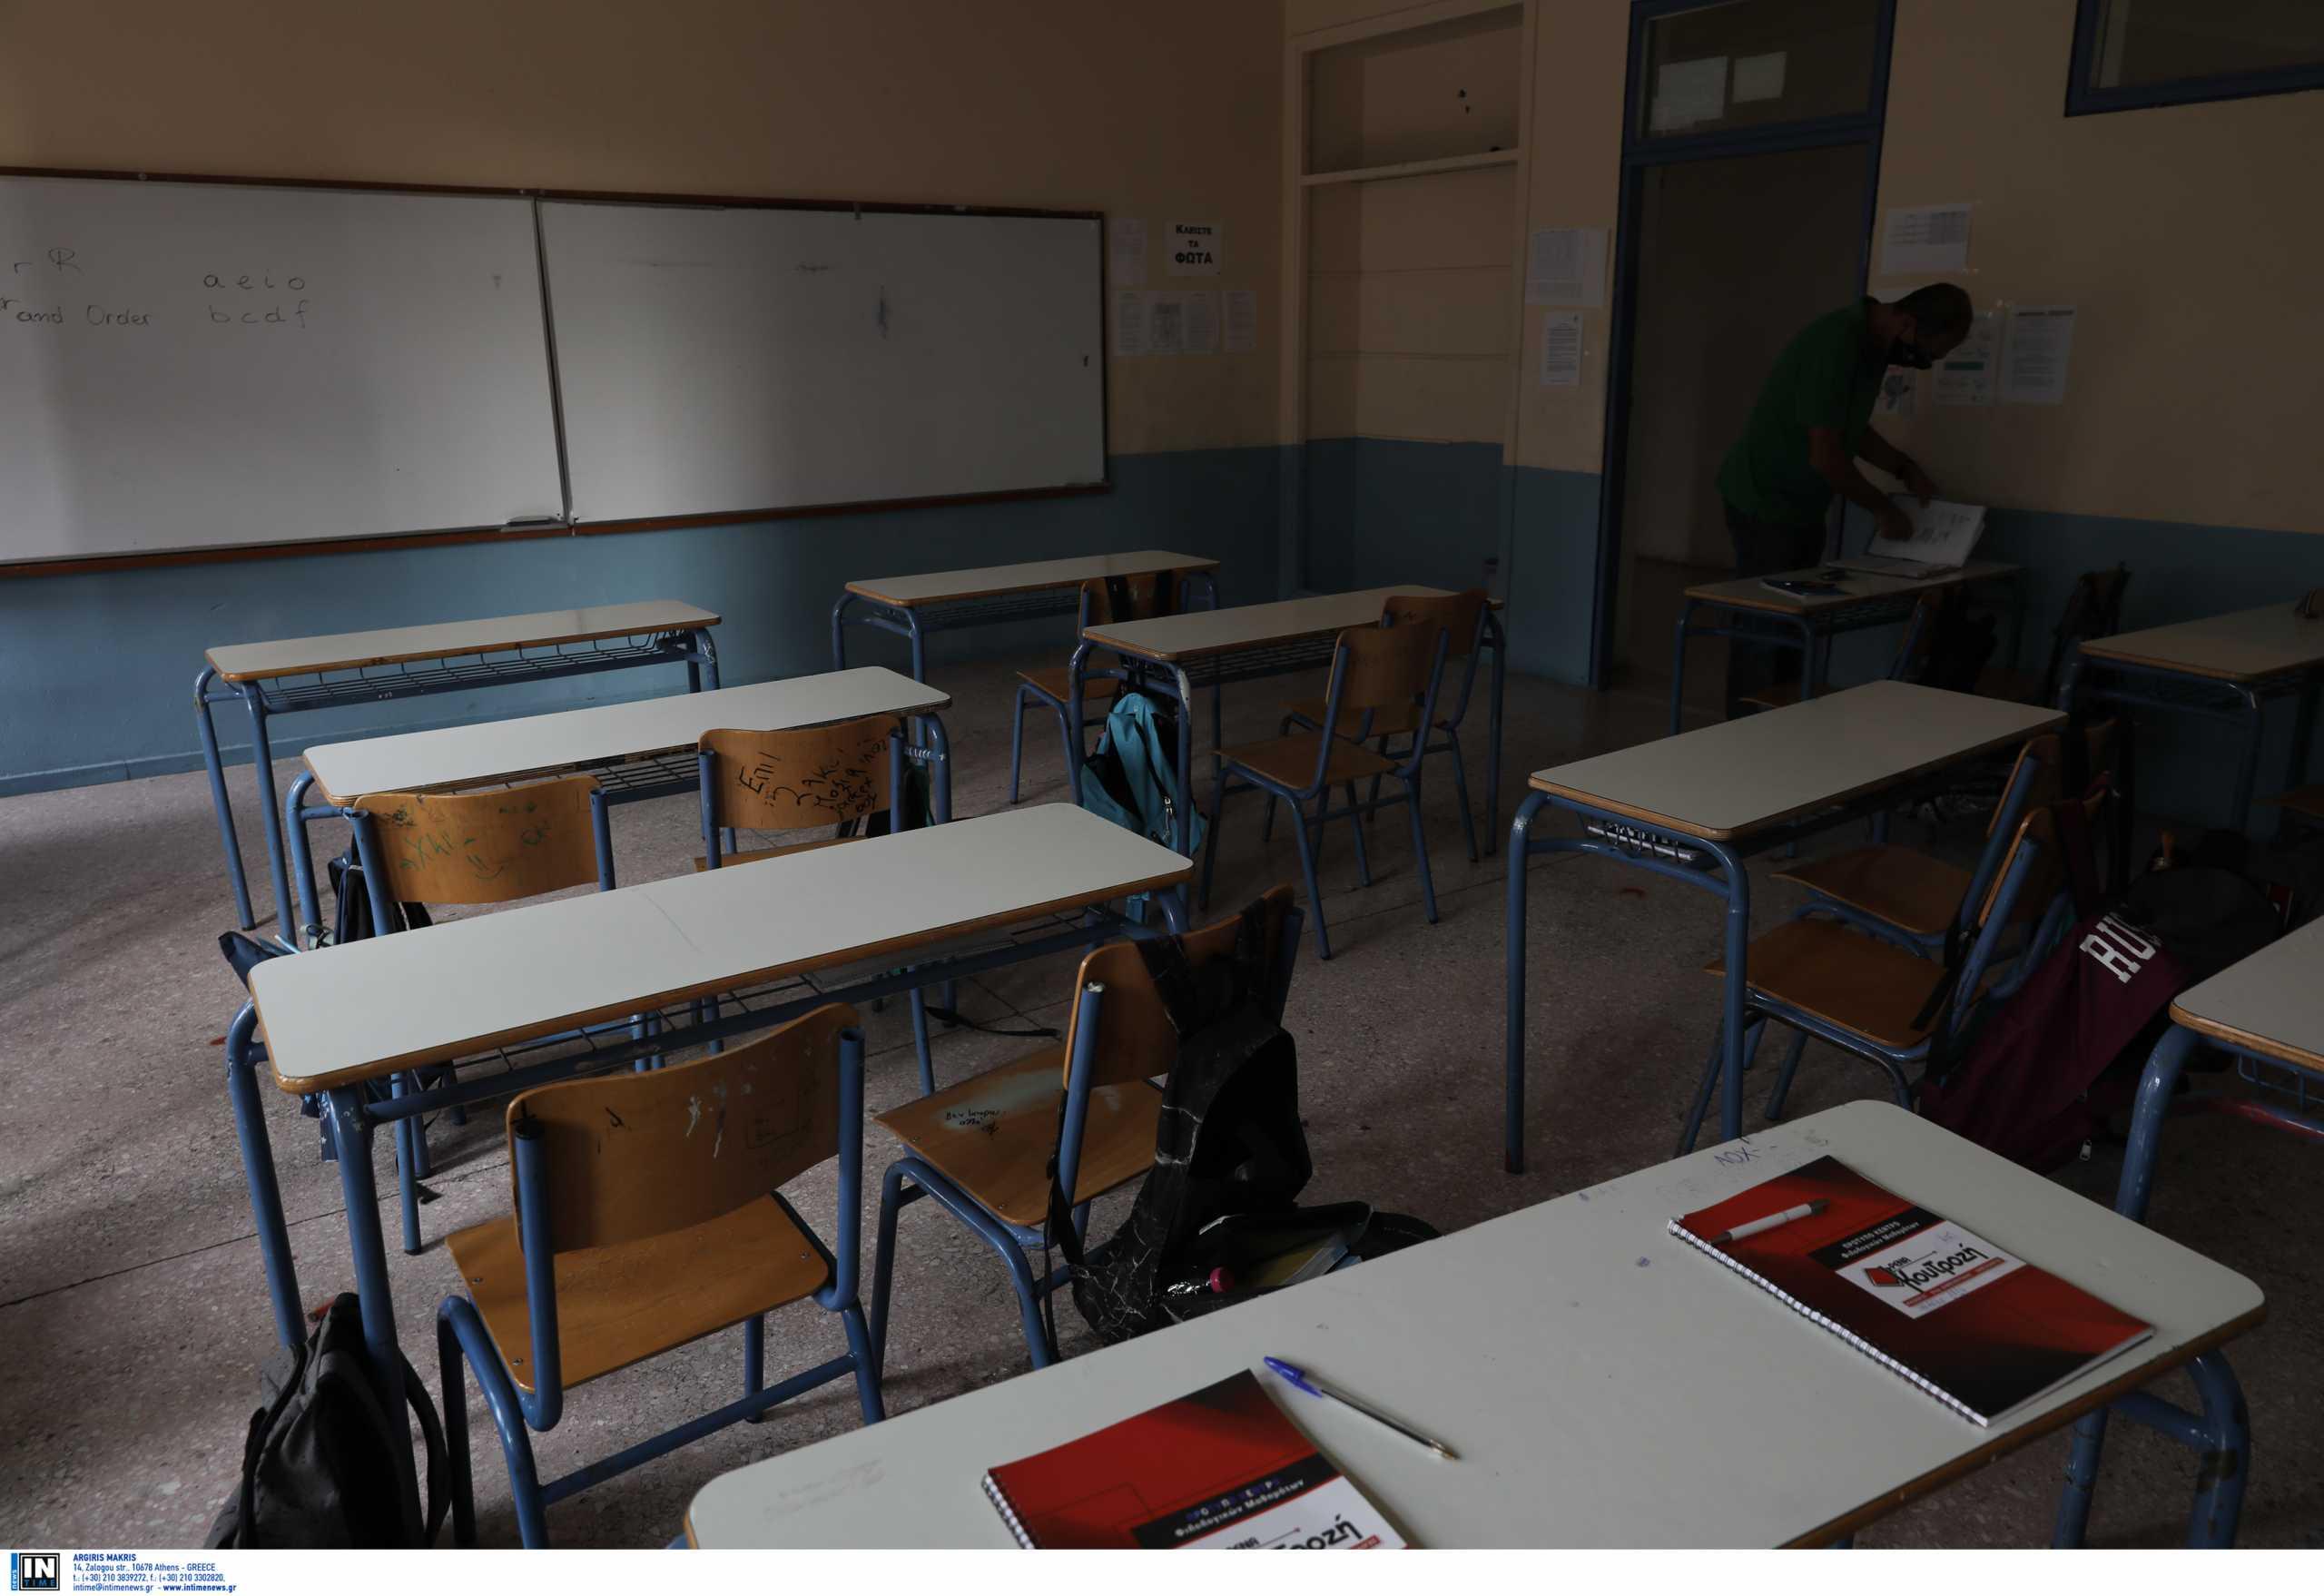 Εξαδάκτυλος για άνοιγμα σχολείων: «Διαφωνώ και θα δούμε τη Μεγάλη Δευτέρα τι θα έχει συμβεί»